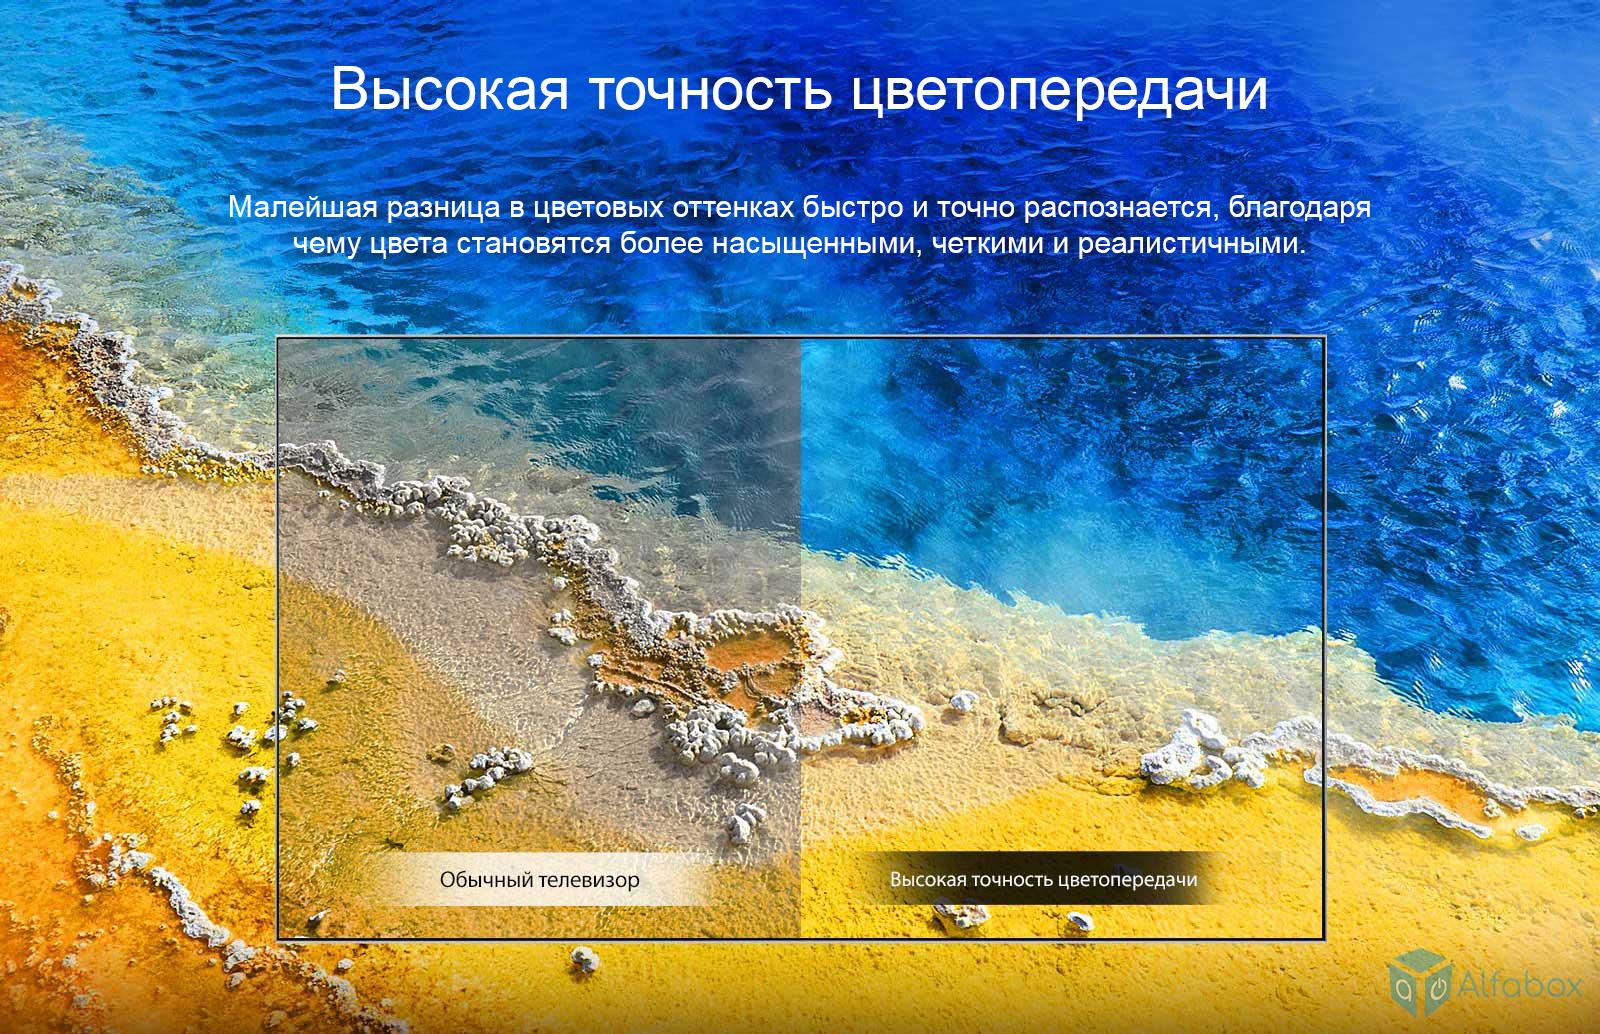 Телевизор LG 65UM7450 купить в украине